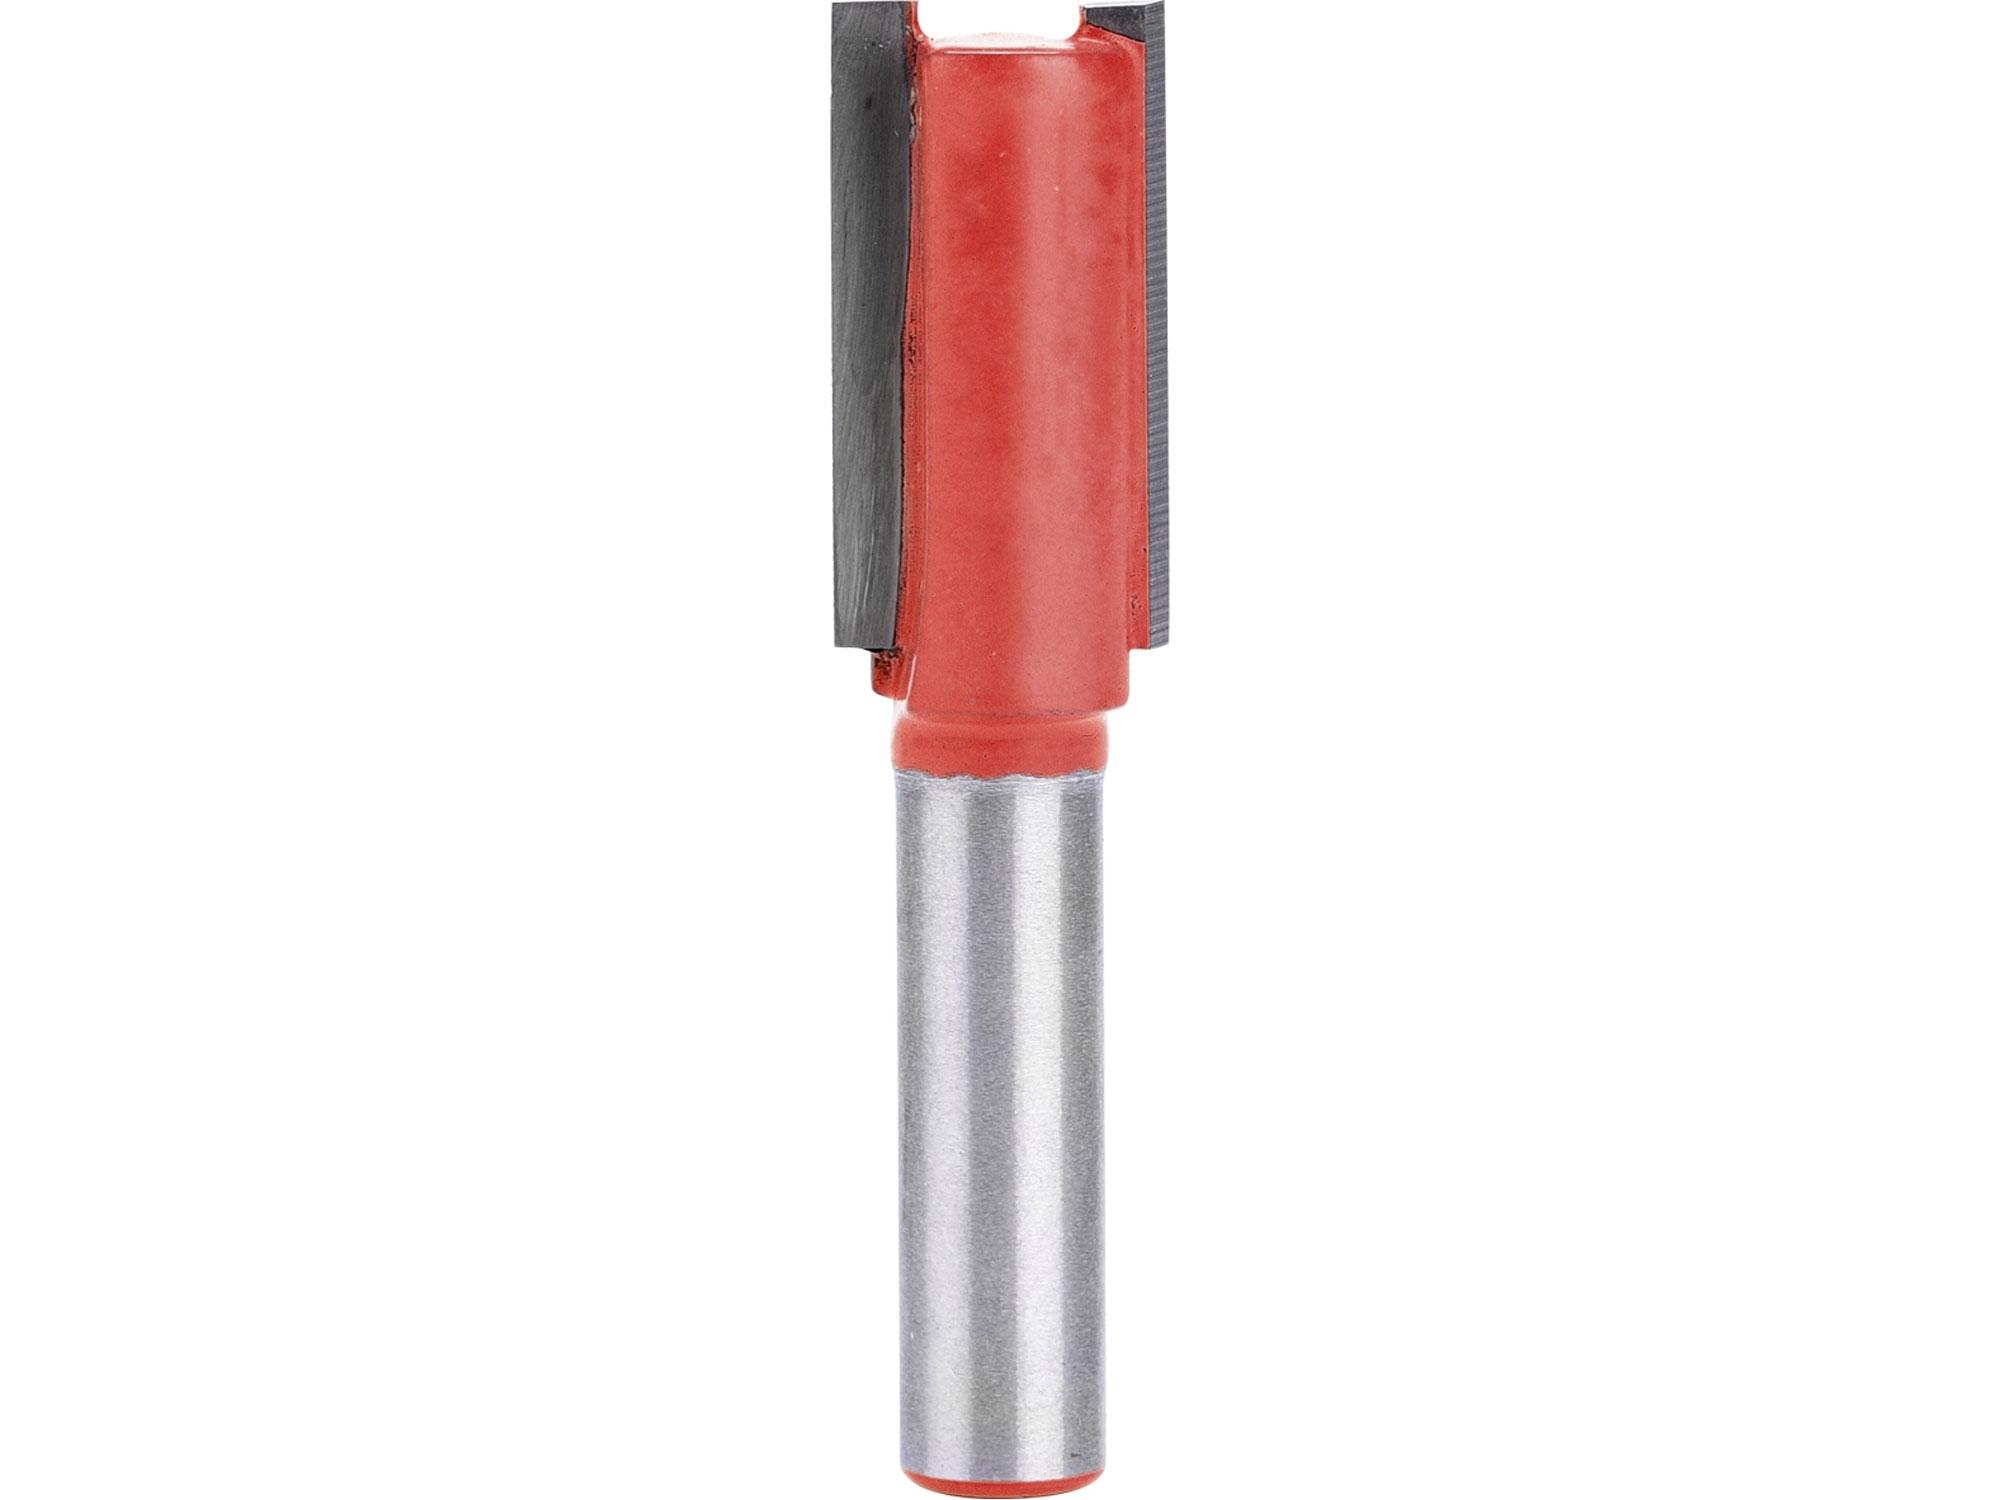 fréza drážkovací do dřeva, D16 x H25; průměr stopky 8mm